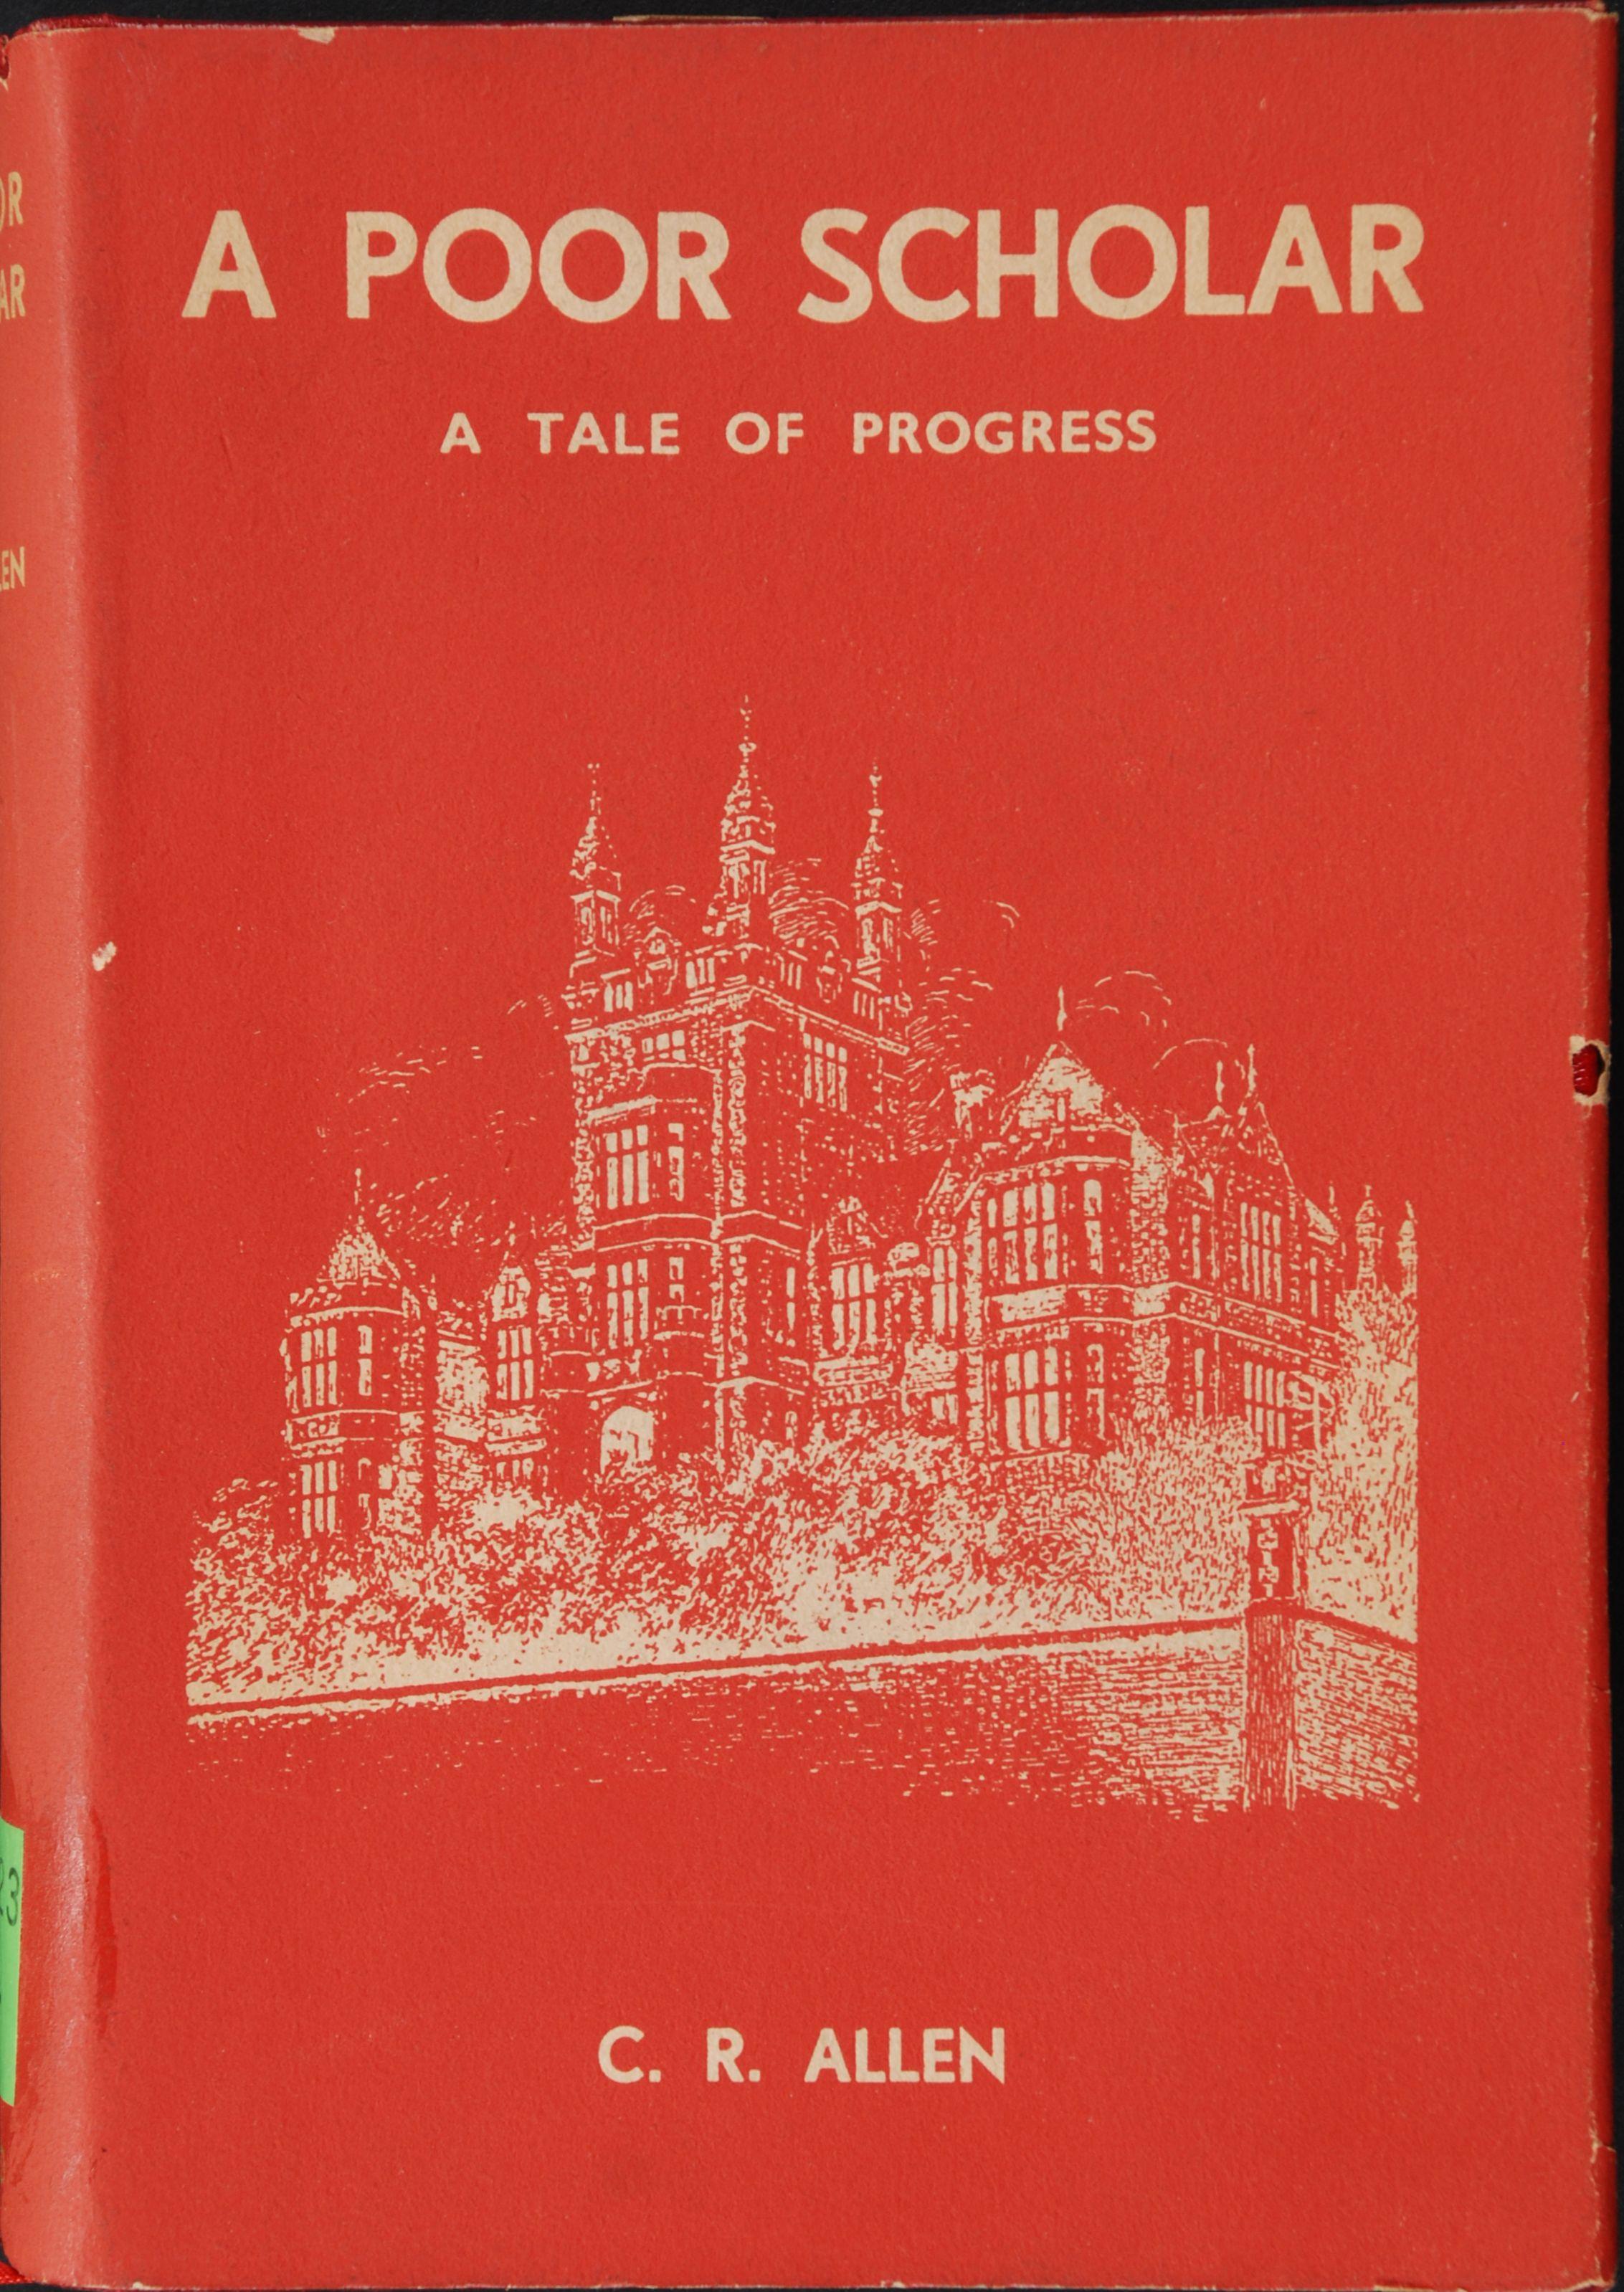 C. R. Allen. A poor scholar : a tale of progress. Dunedin, N.Z.: A.H. & A.W. Reed, 1936.